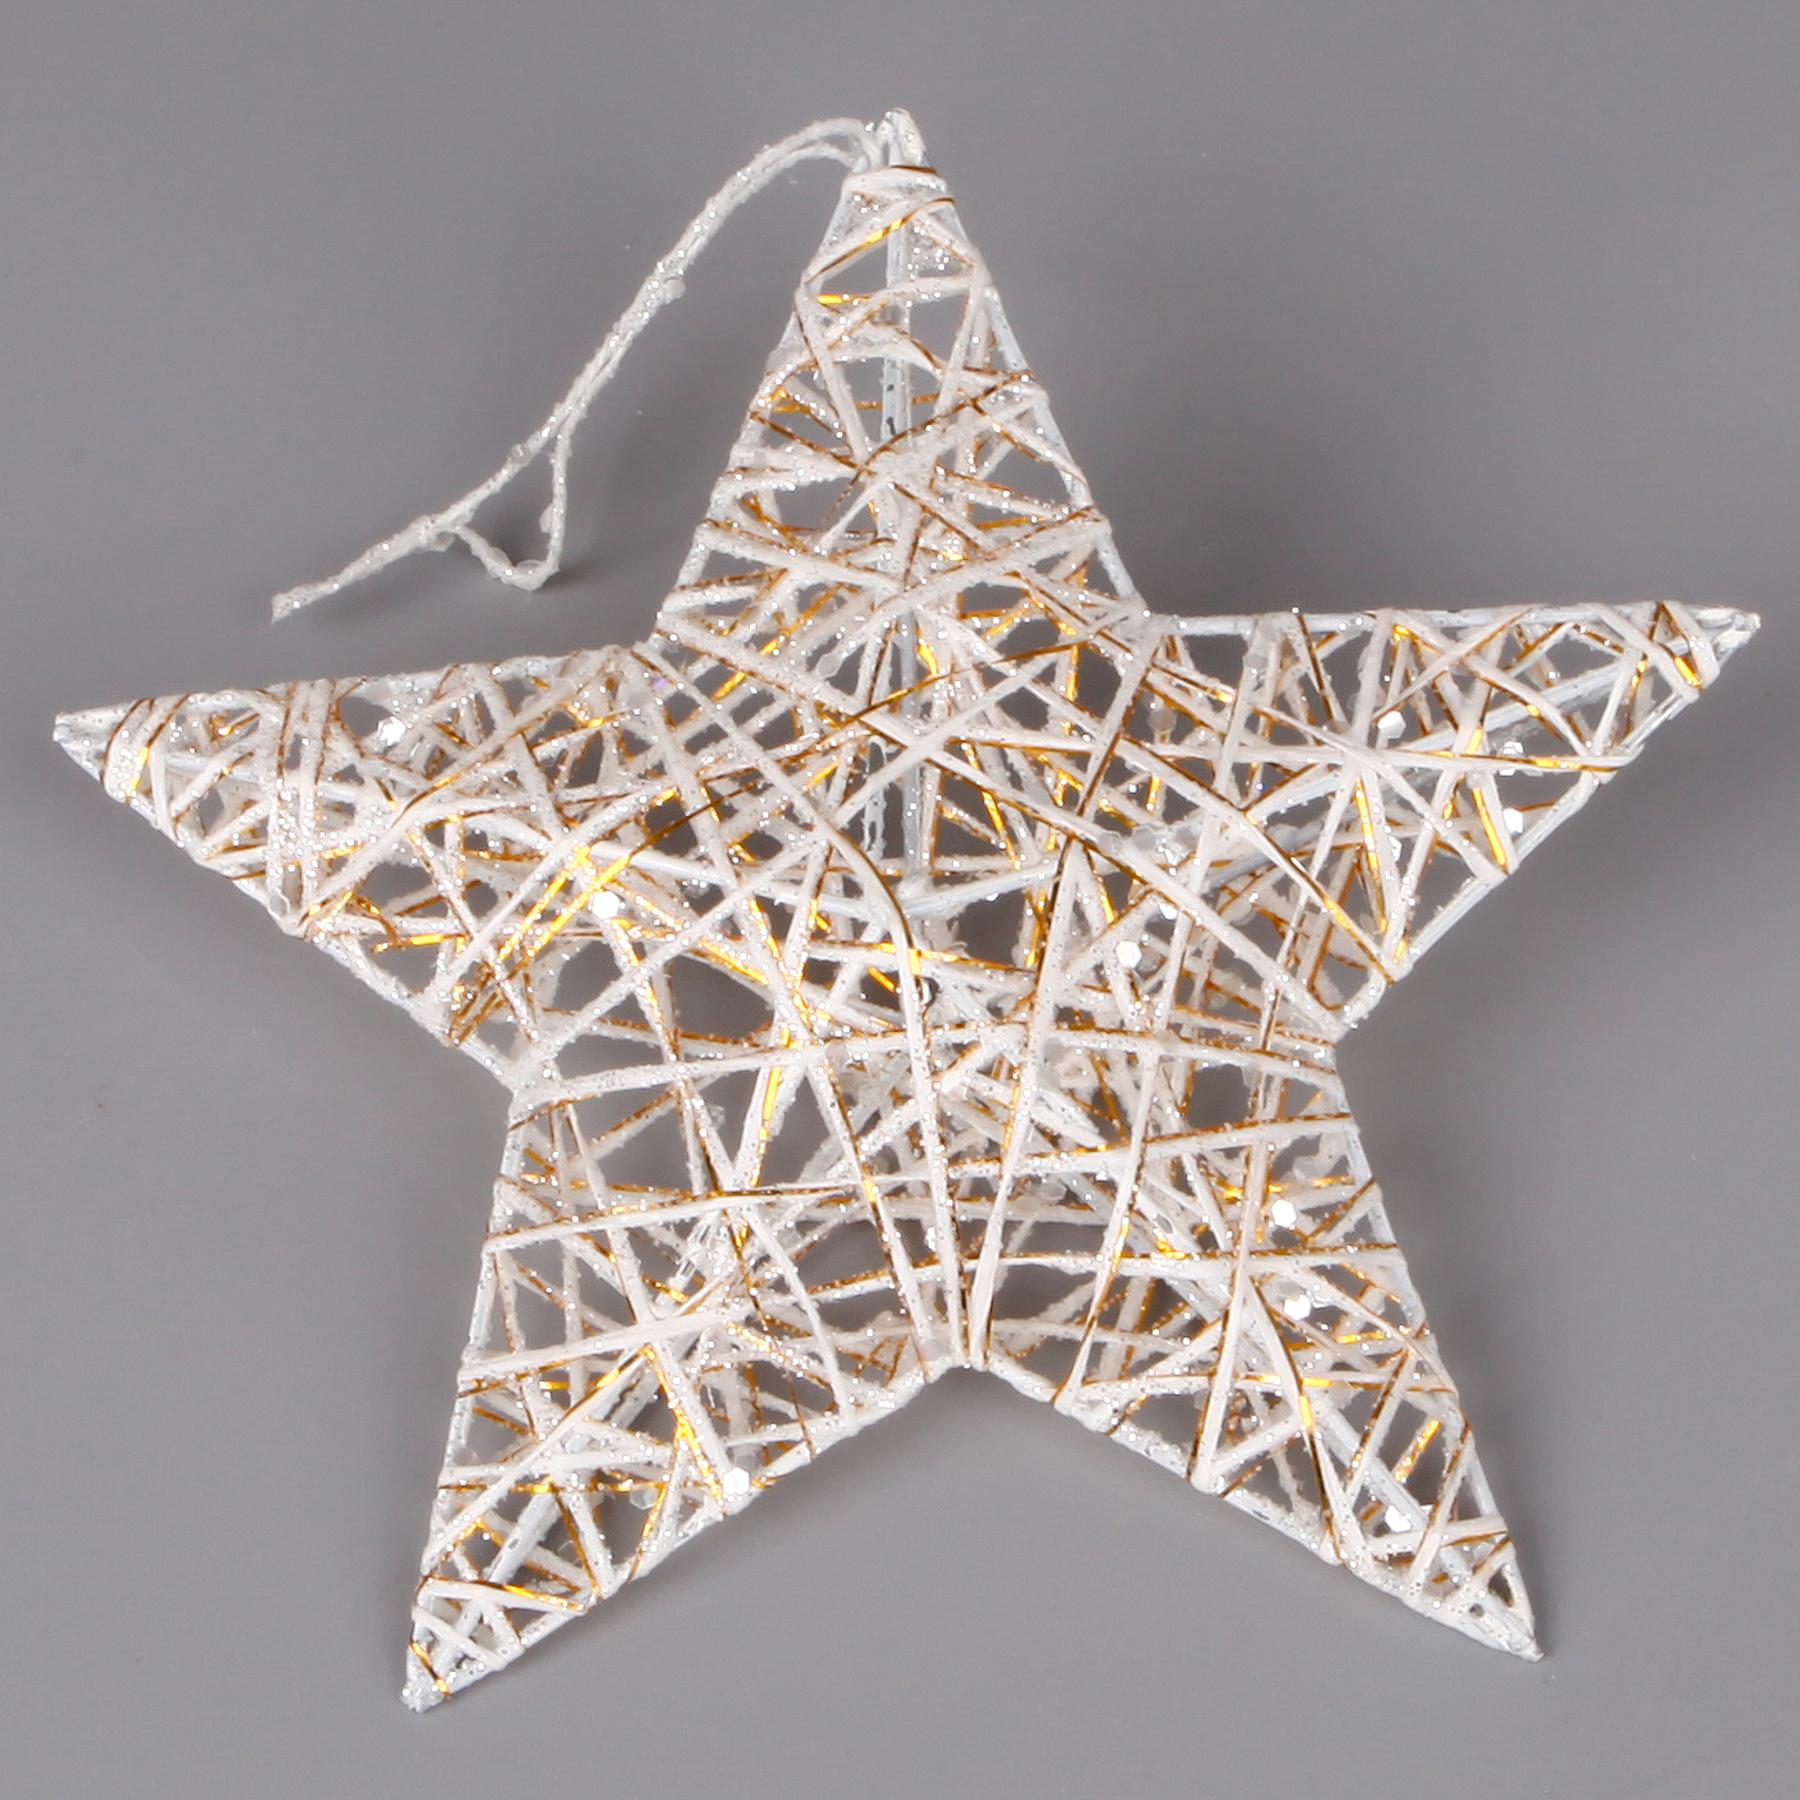 3D hvězda závěs provaz/kov 10cm bílá/zlatá gliter